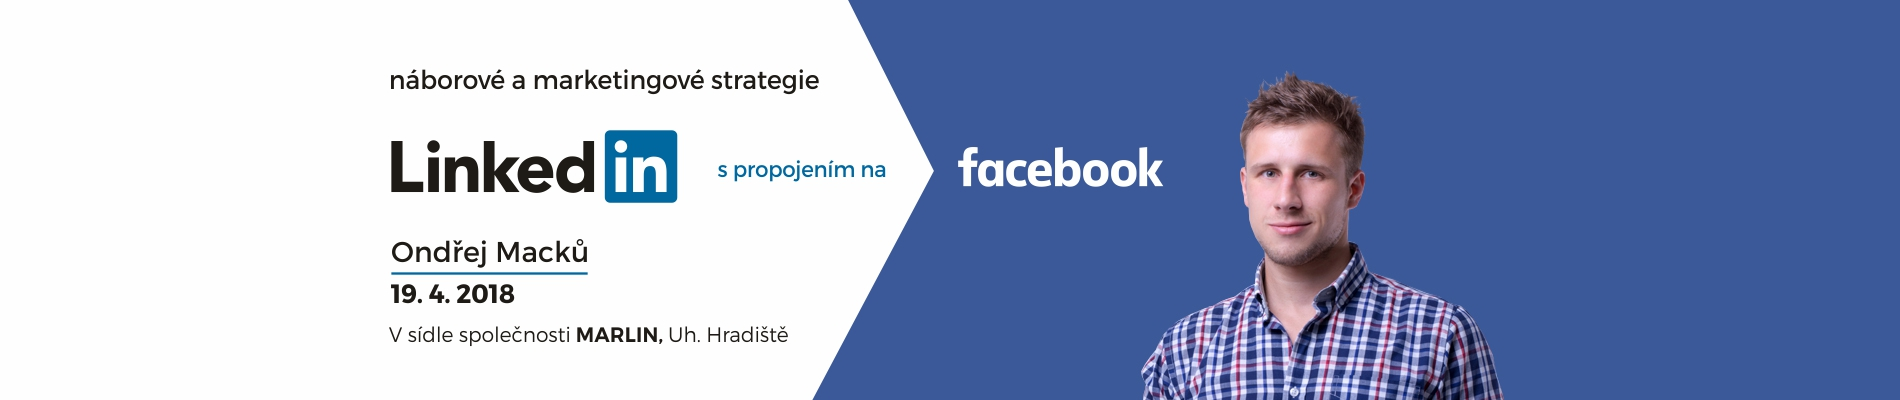 LinkedIn s propojením na Facebook – náborové a marketingové strategie